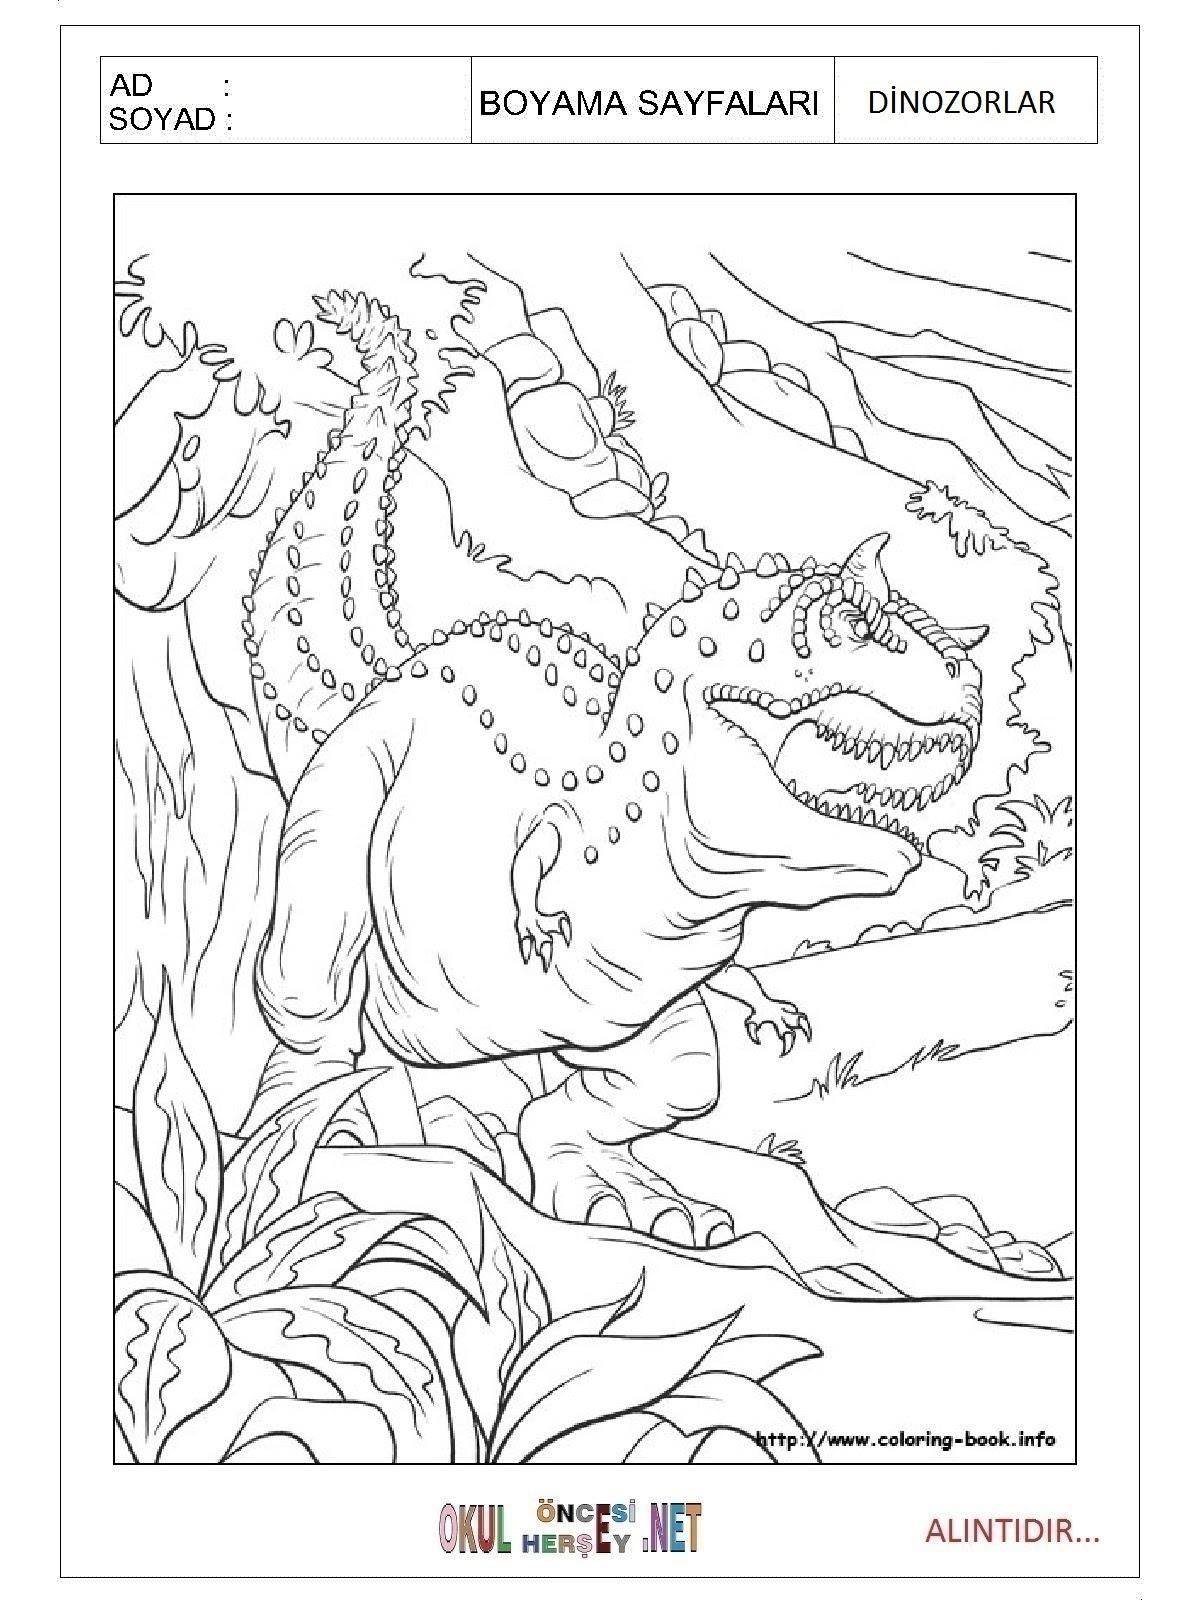 Dinozorlar Boyama Sayfaları